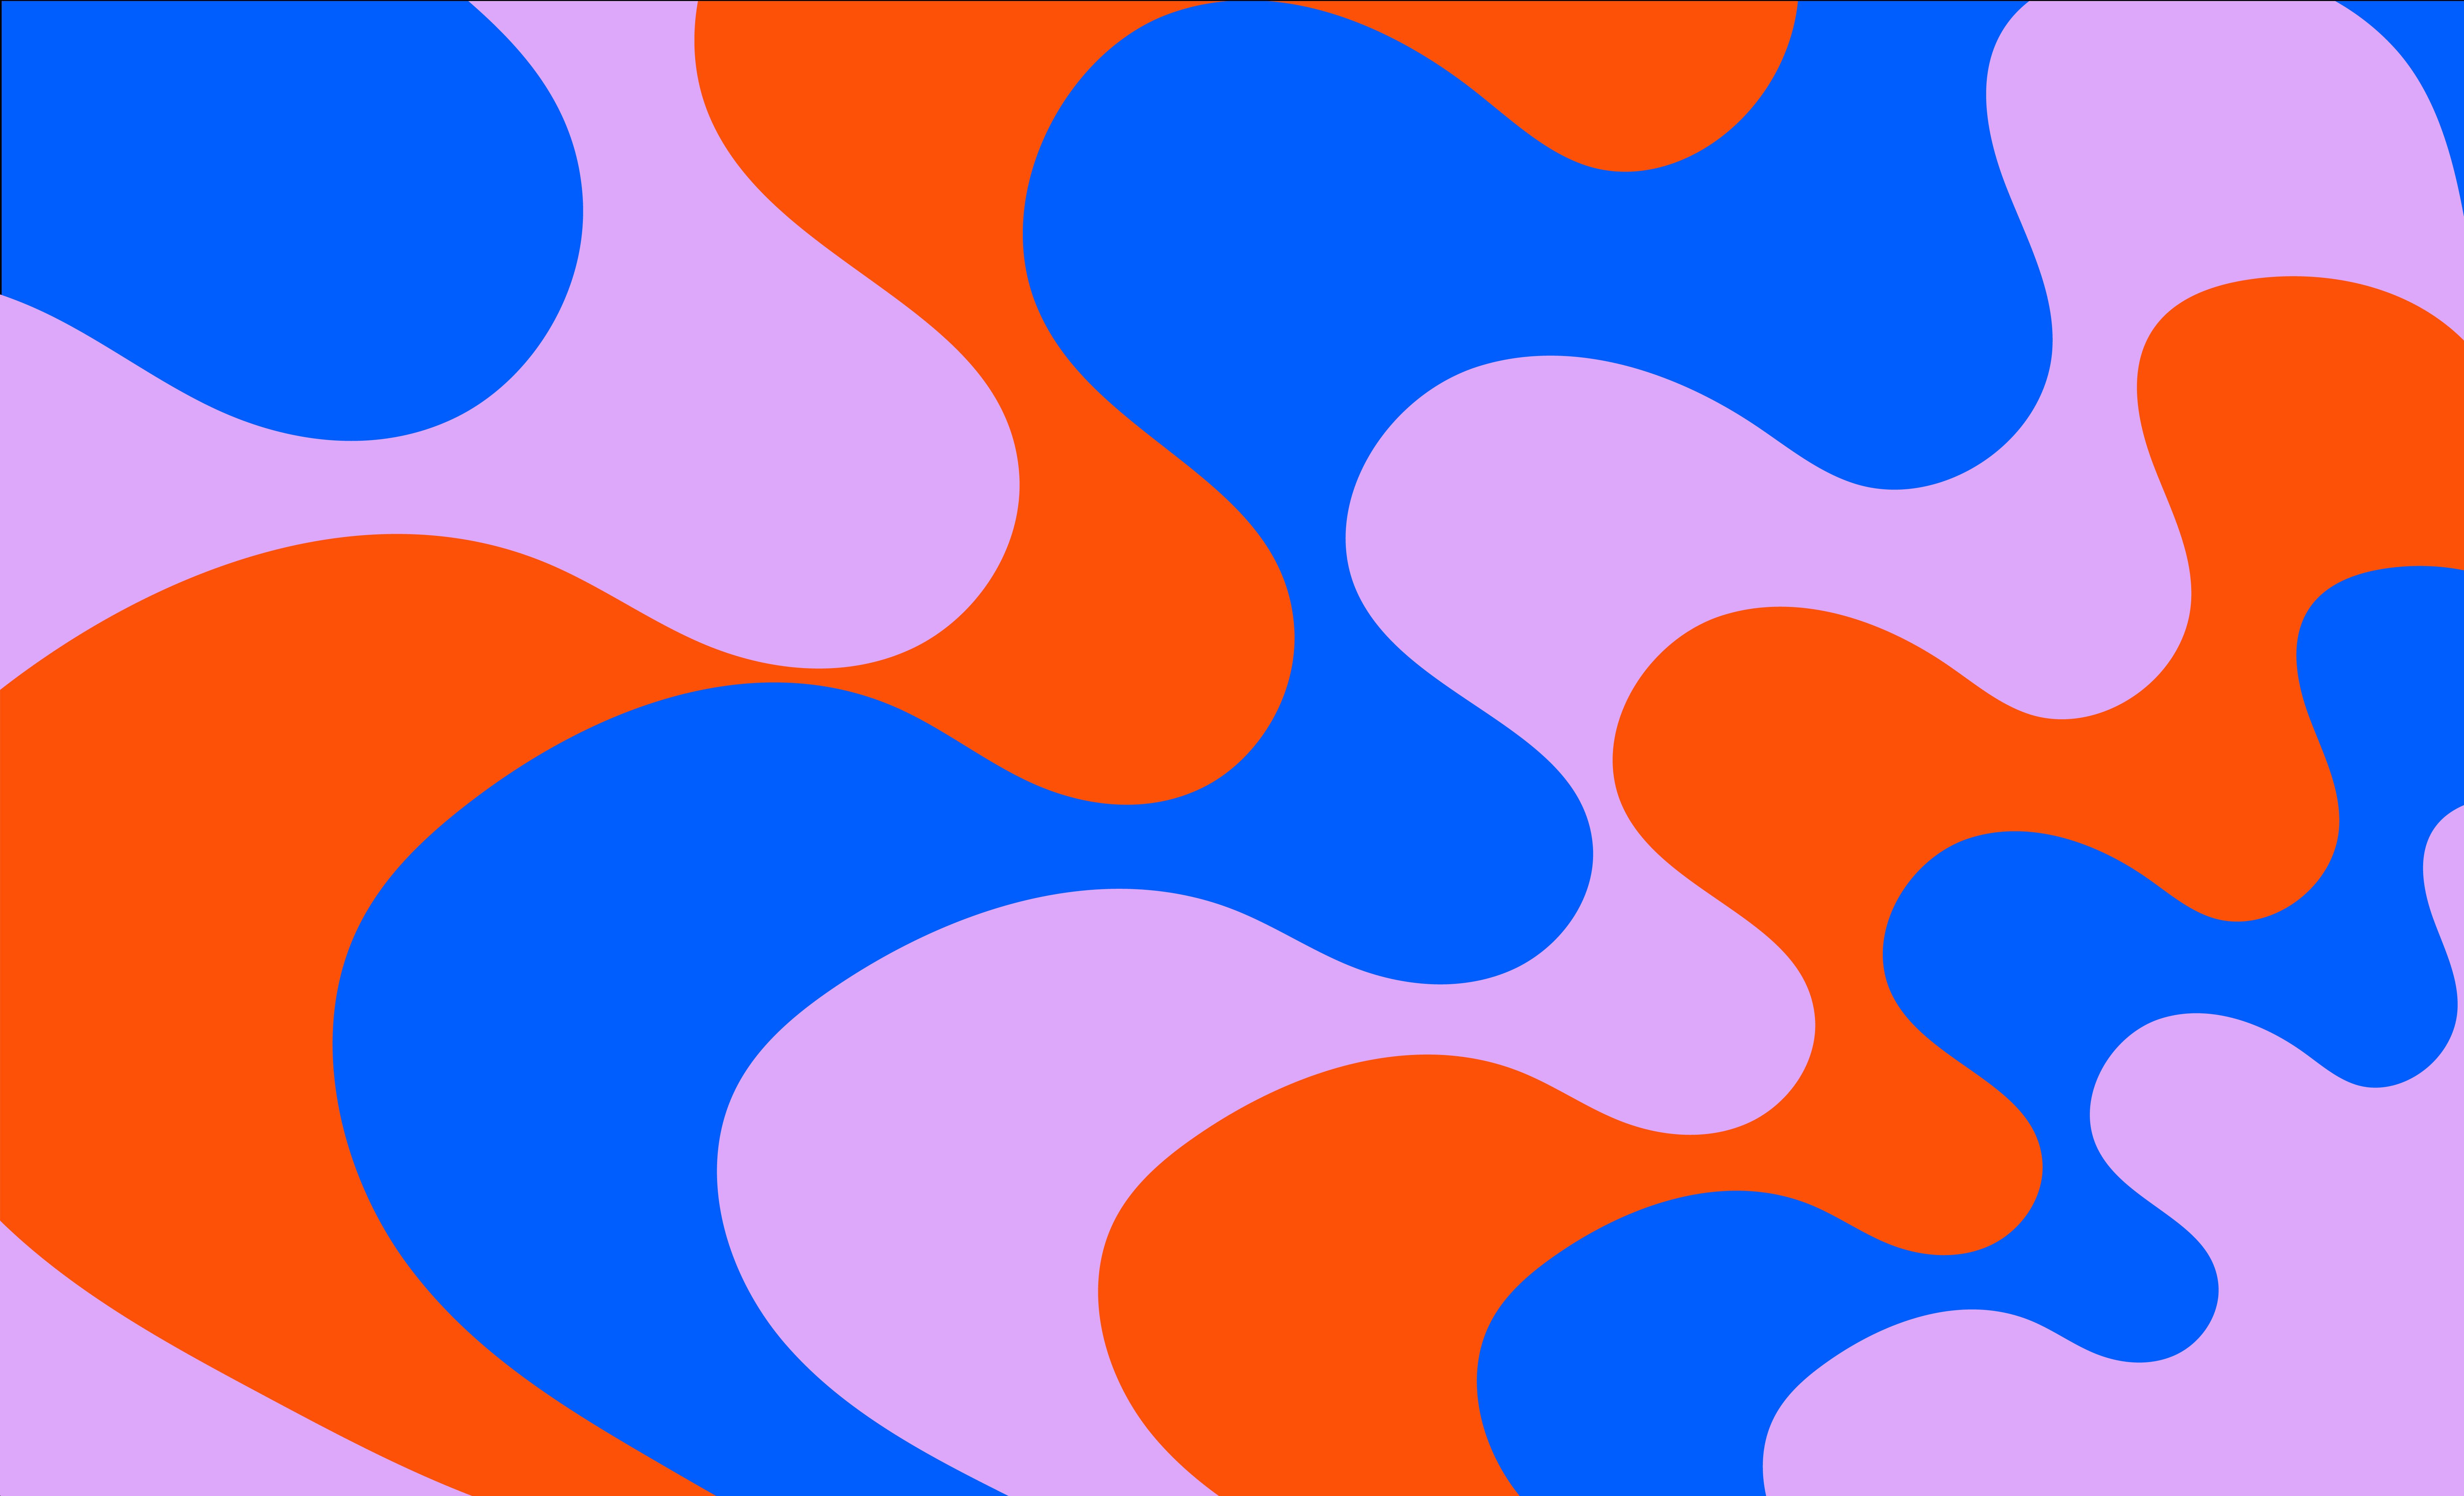 KindofCool_elements-48